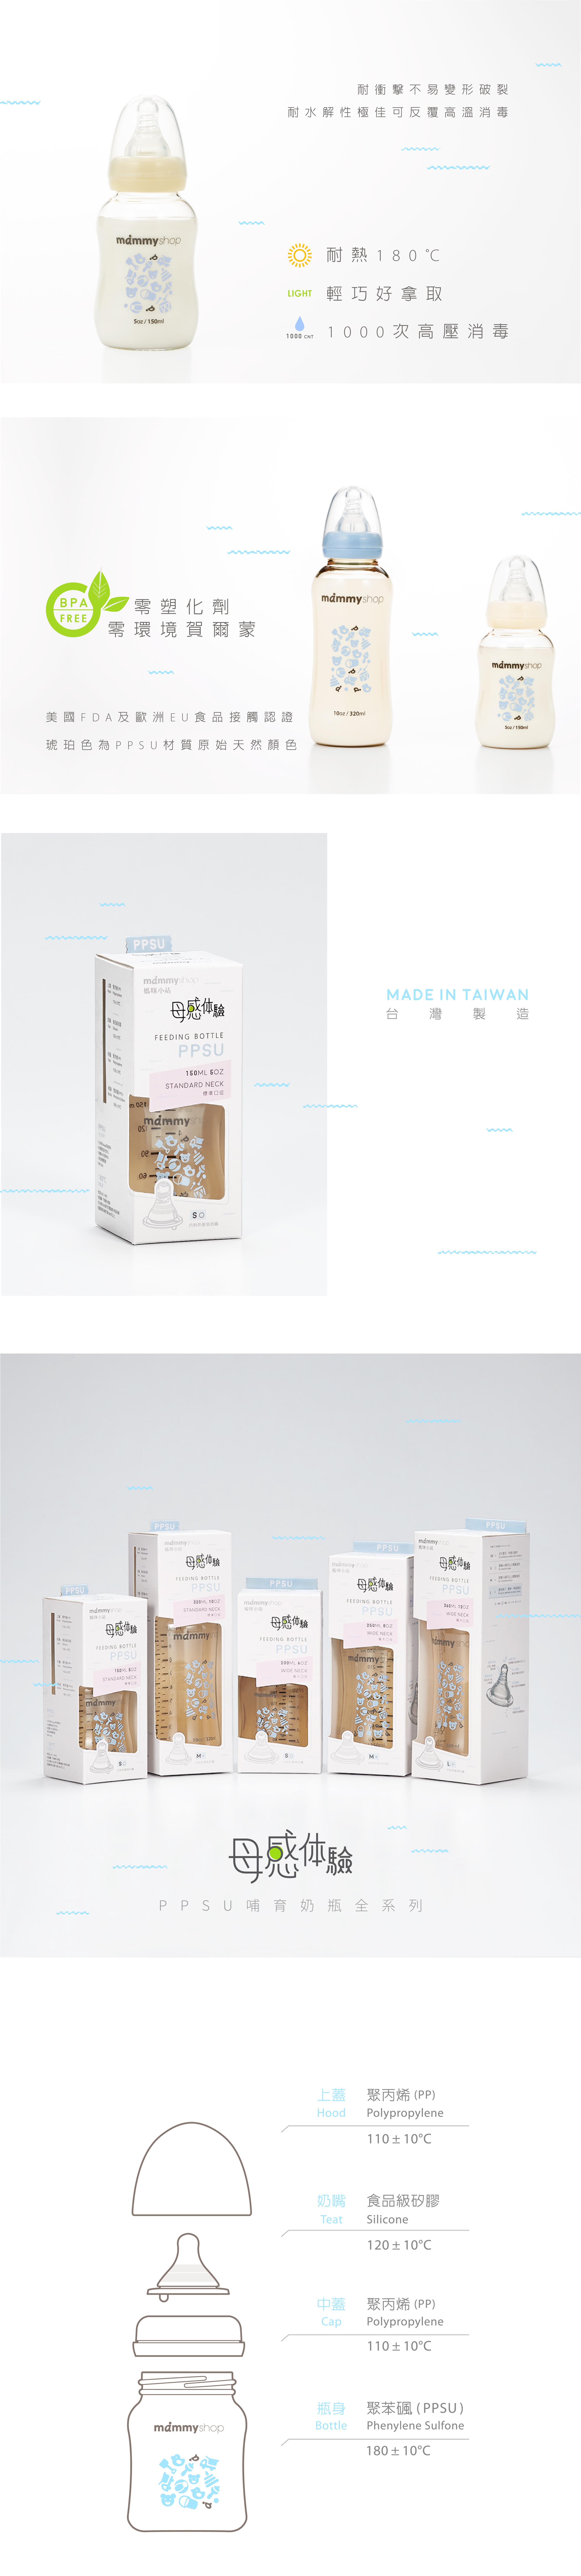 母感體驗-ppsu奶瓶-產品說明